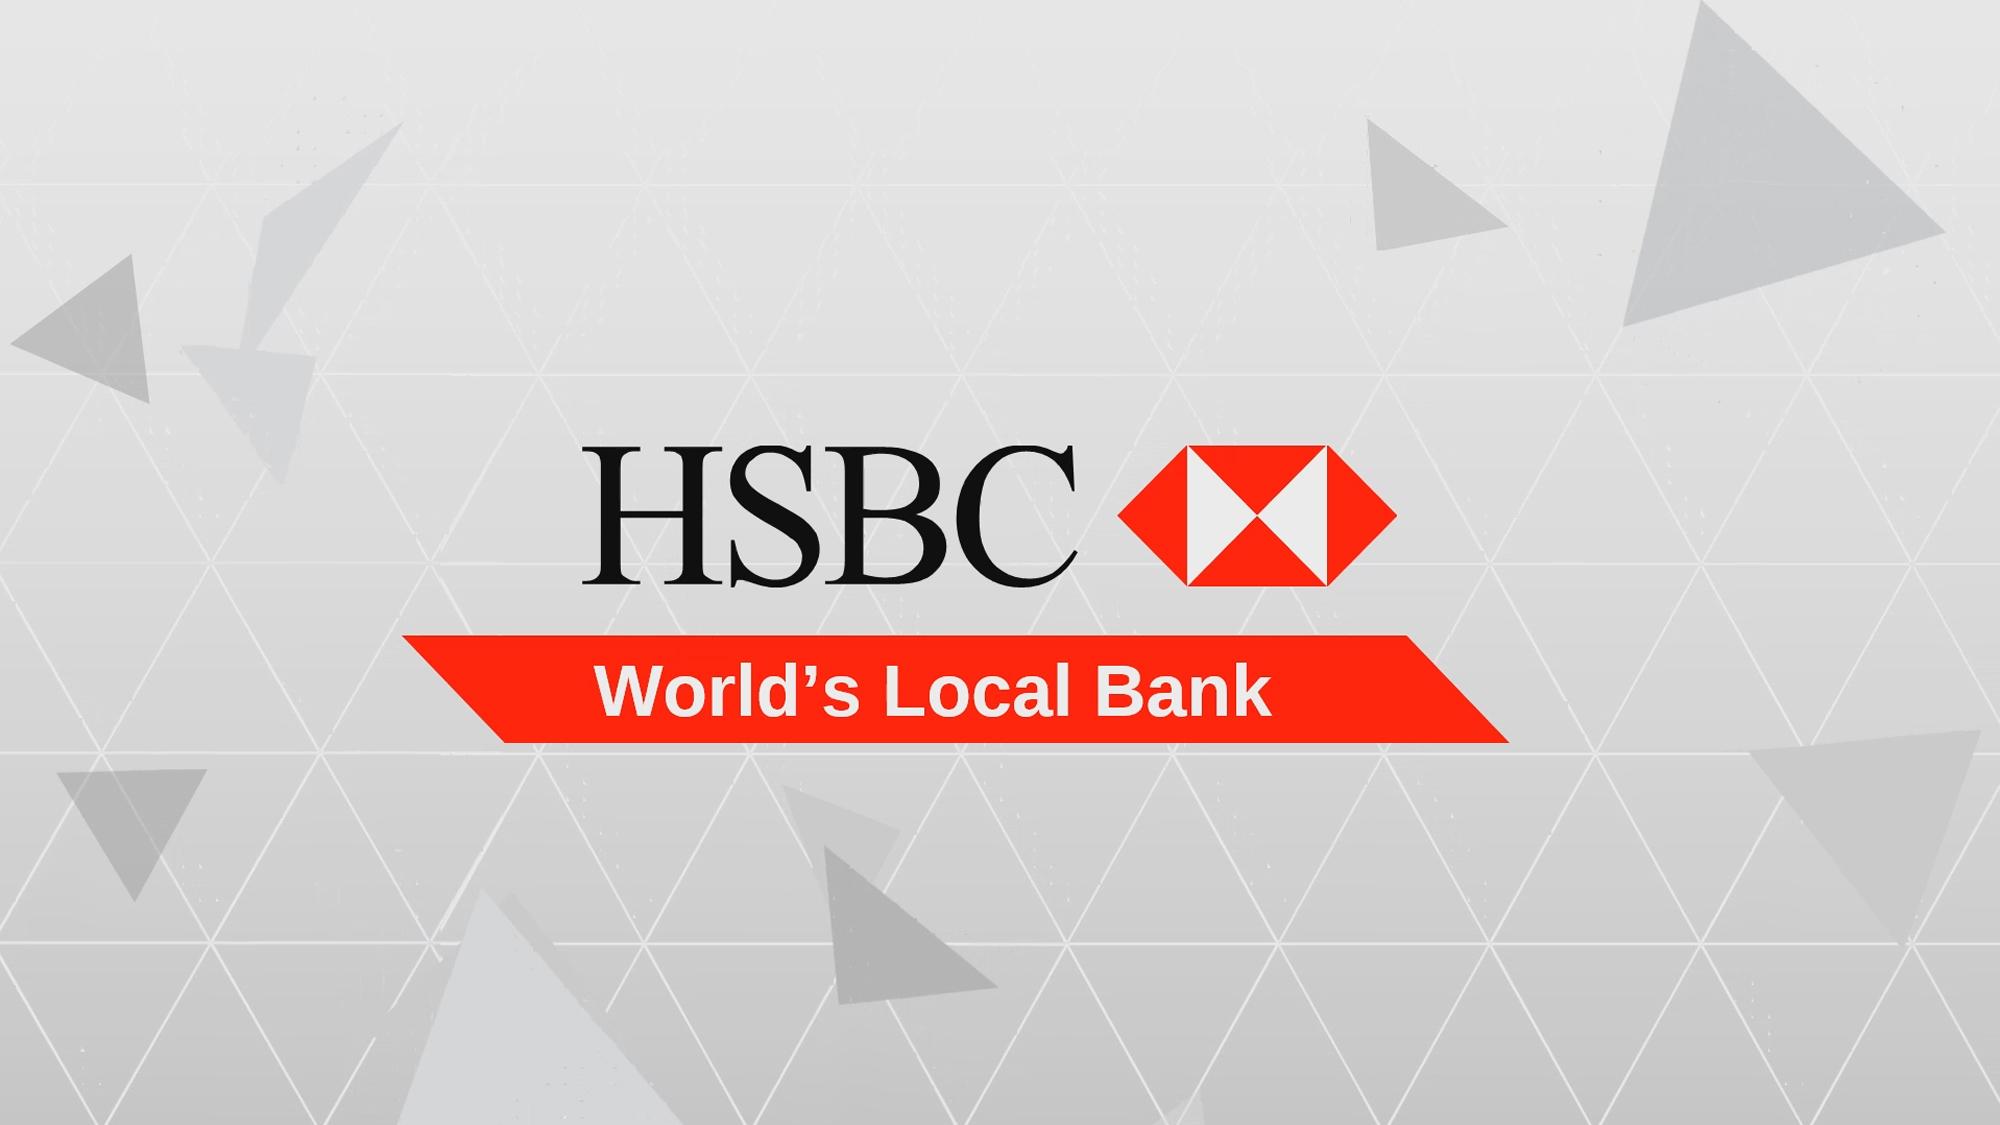 HSBC SlideGenius PowerPoint Design & Pitch Deck